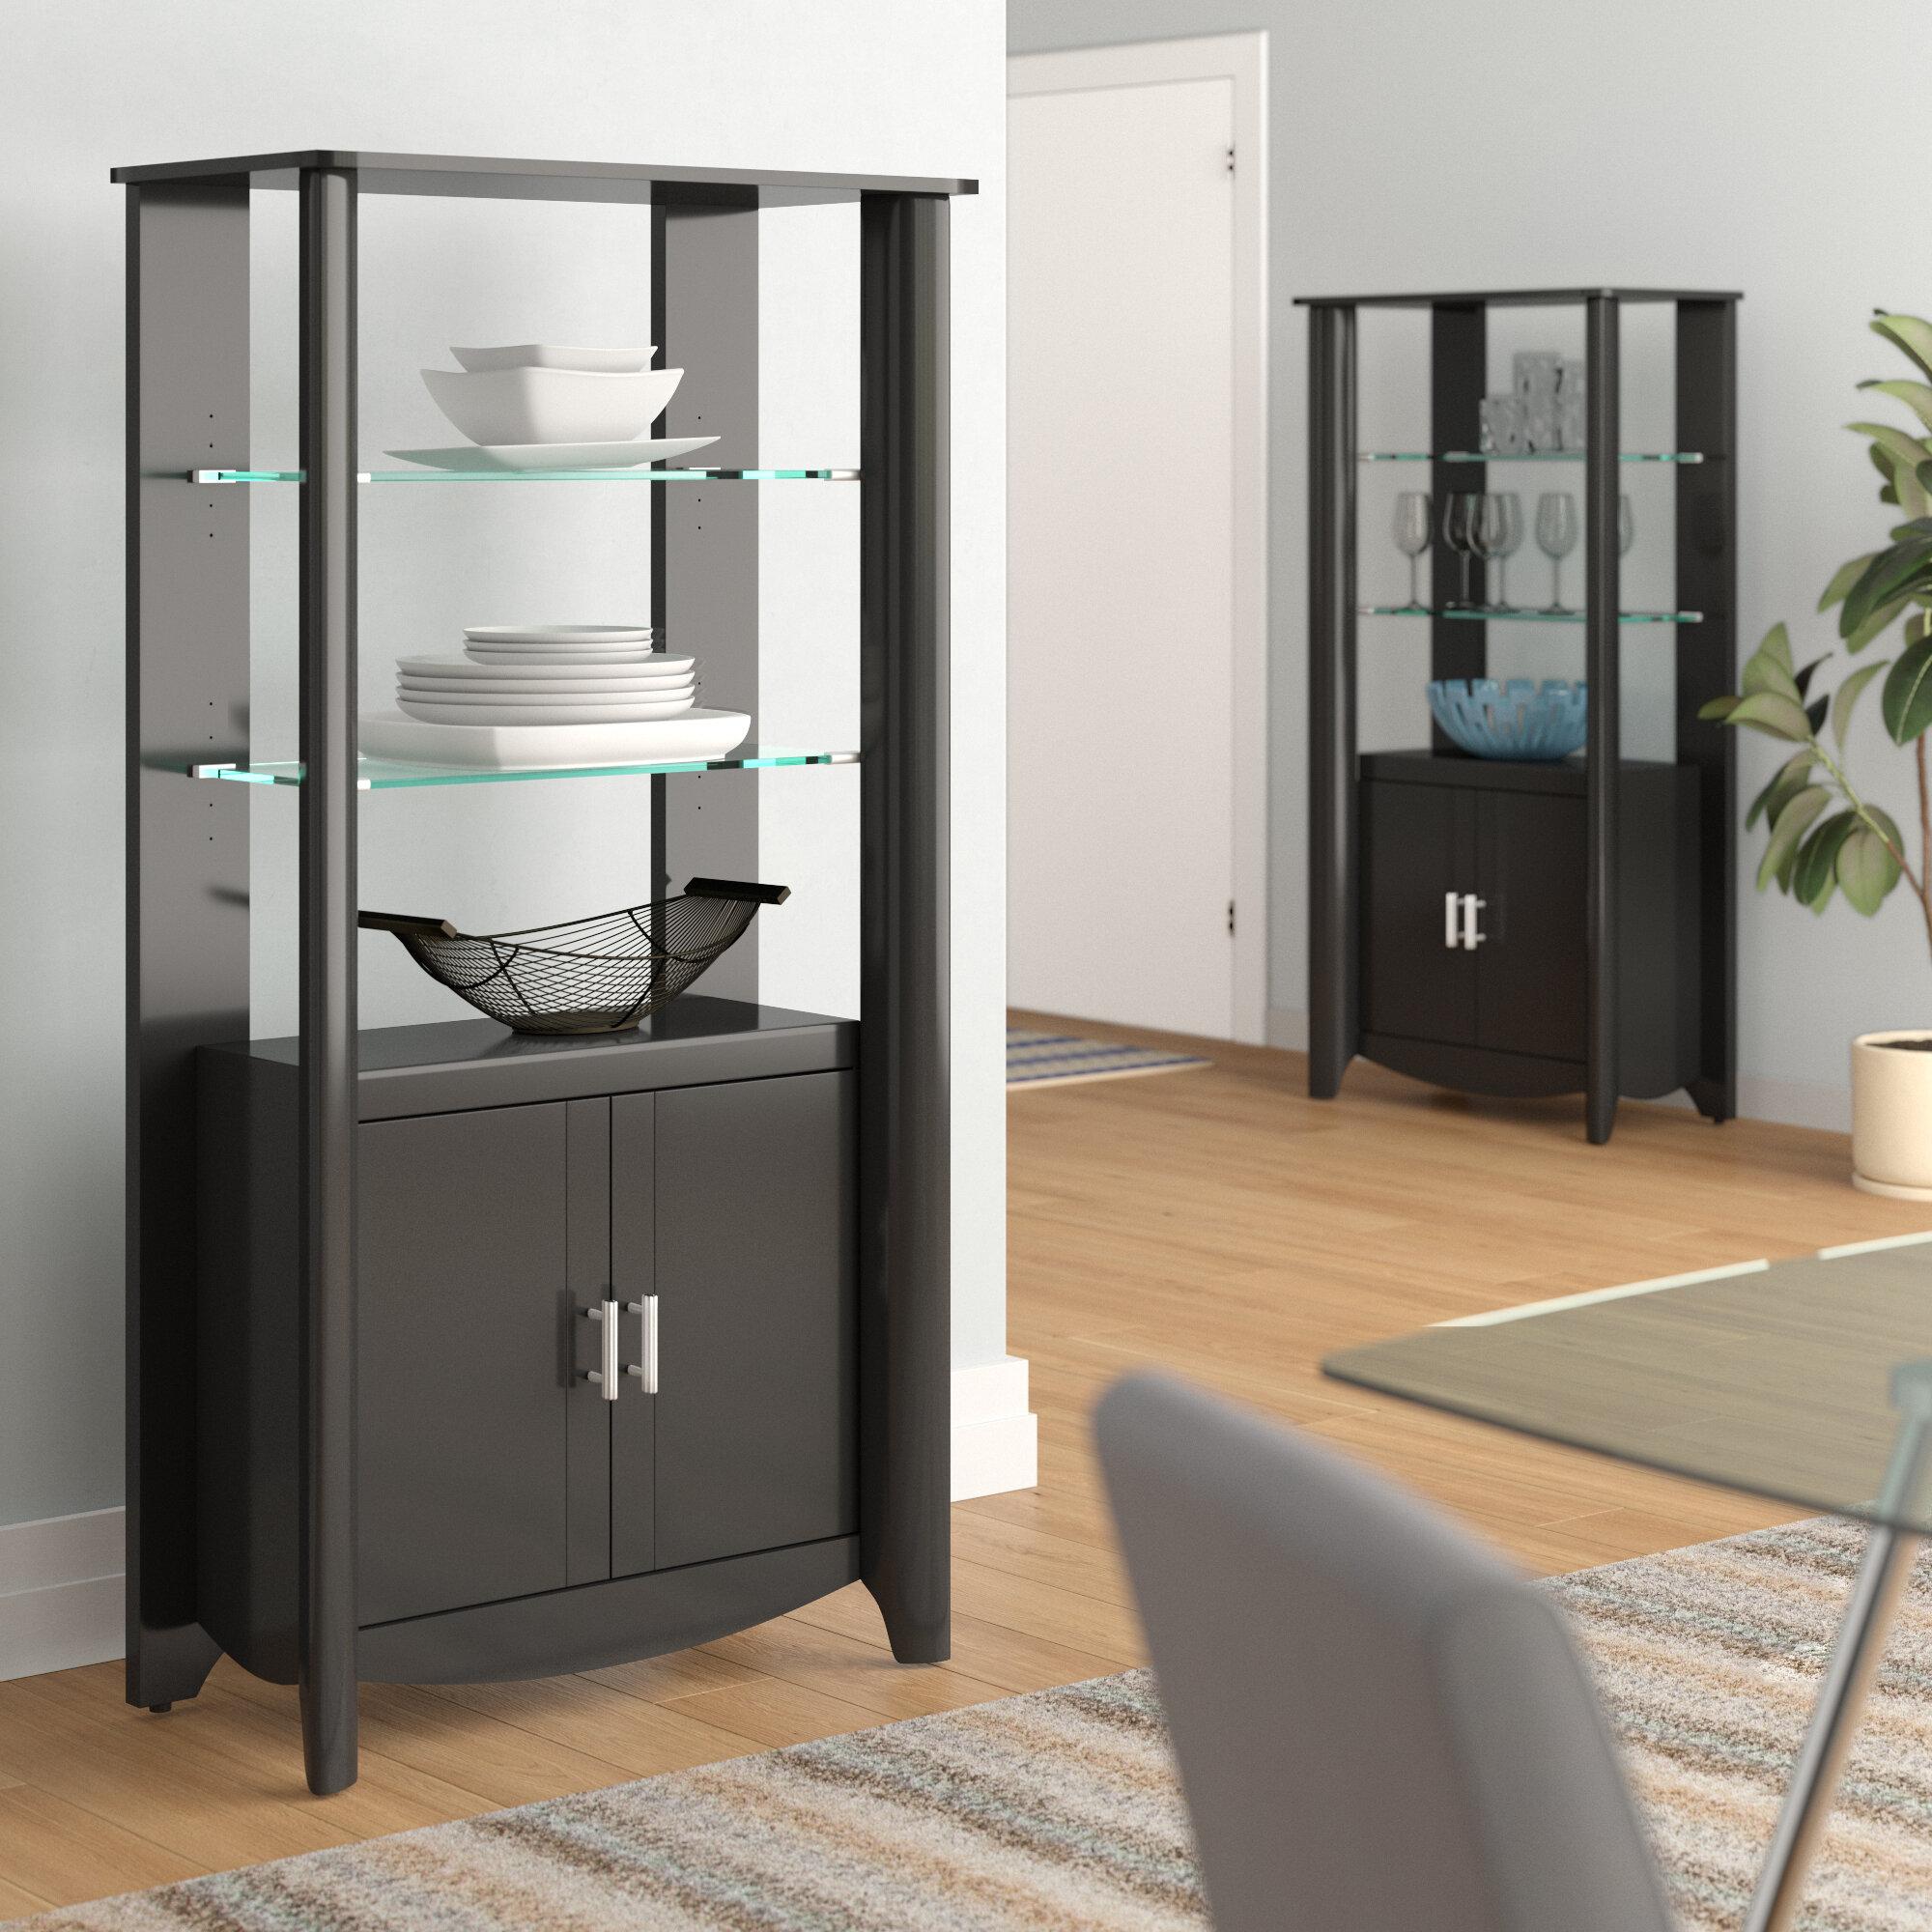 Bon Wentworth Library Storage 2 Door Accent Cabinet